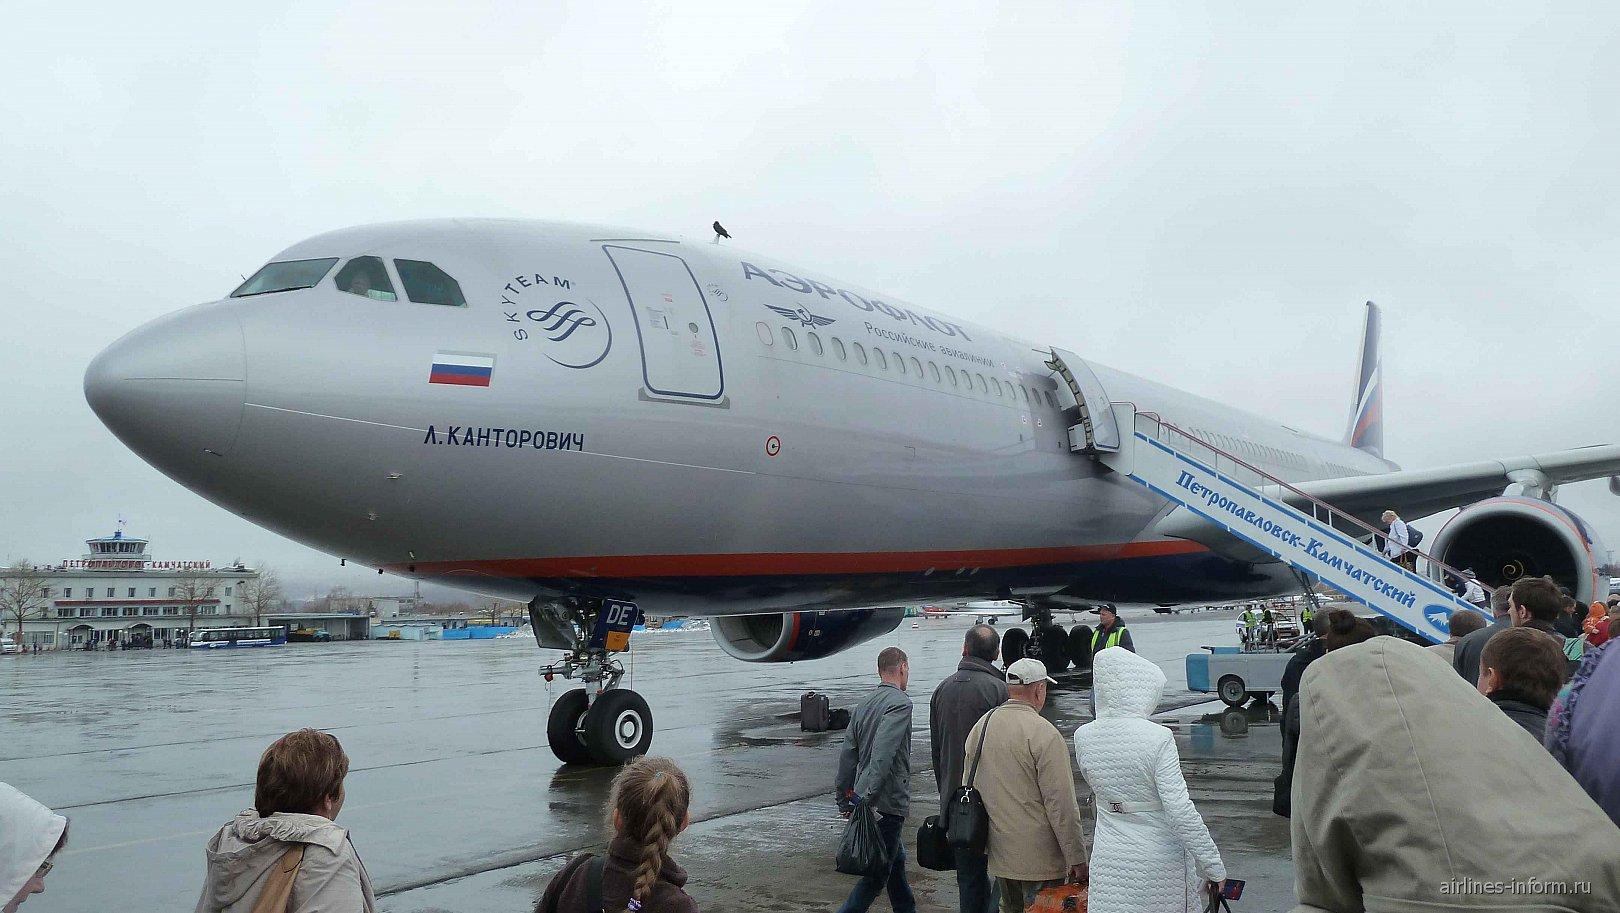 Airbus A330-300 Аэрофлота в аэропорту Елизово Петропавловска-Камчатского